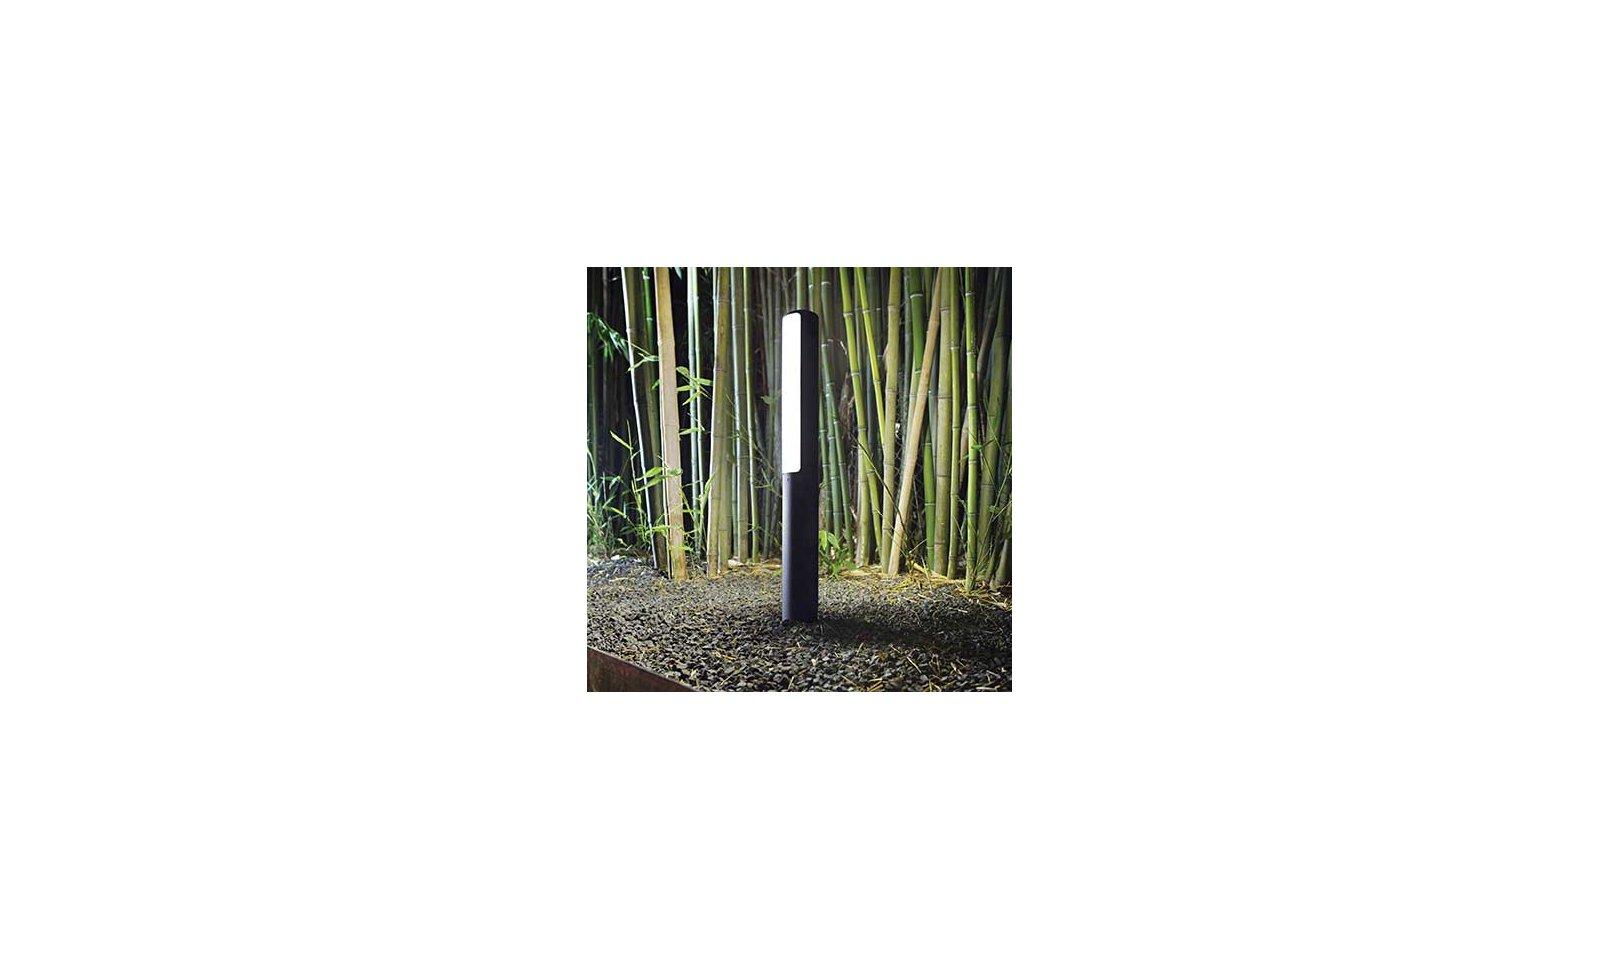 IDEAL LUX ETERE LED piantana da esterno in alluminio e plastica opale